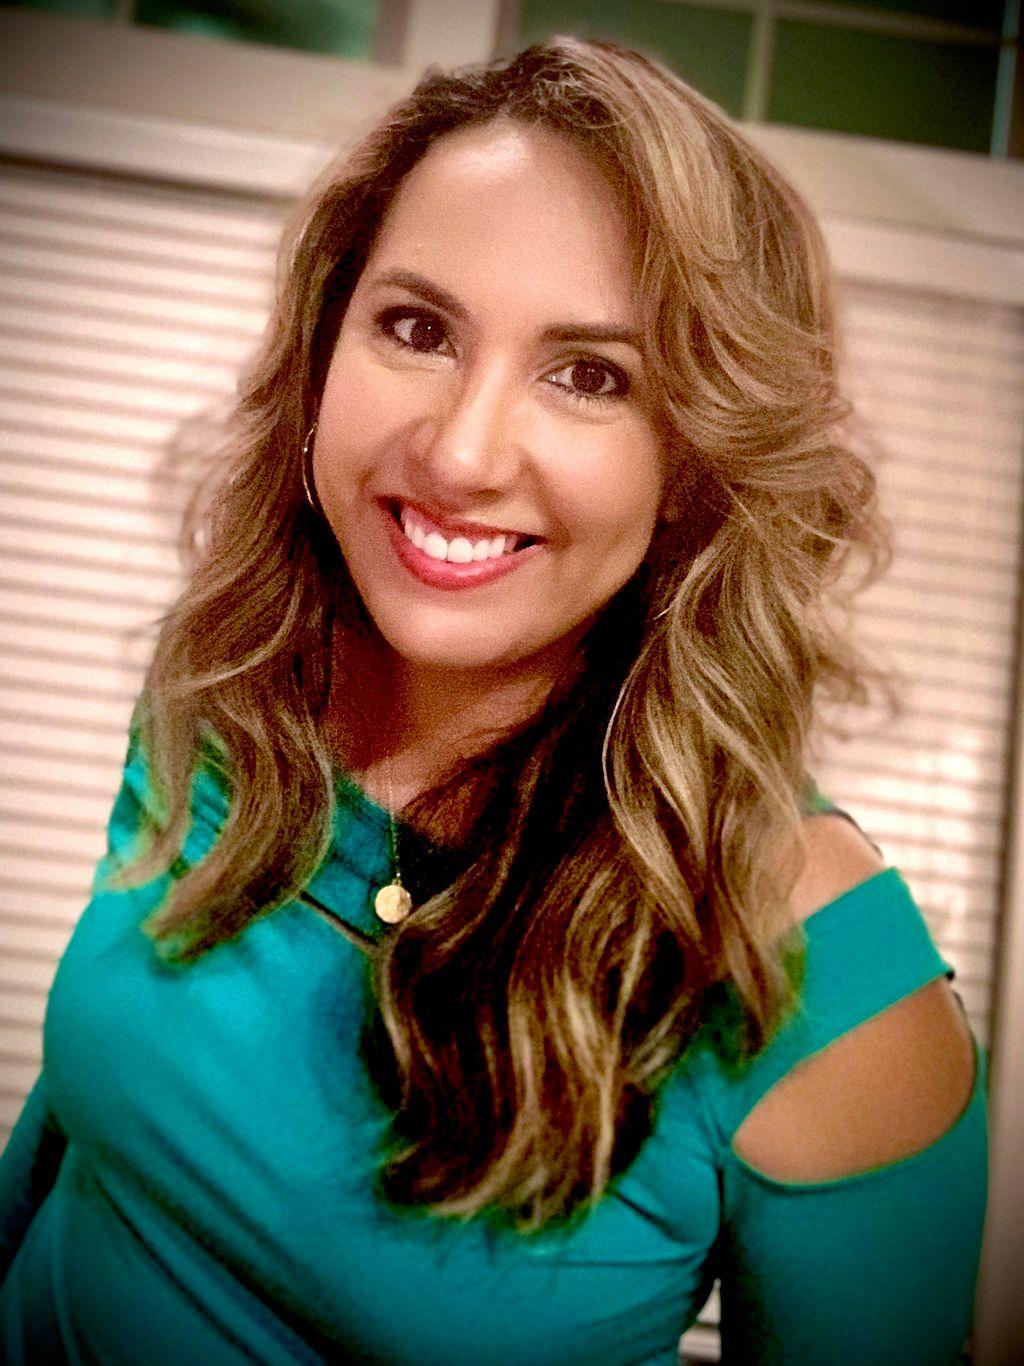 Noemi Alvarado Hair and Makeup